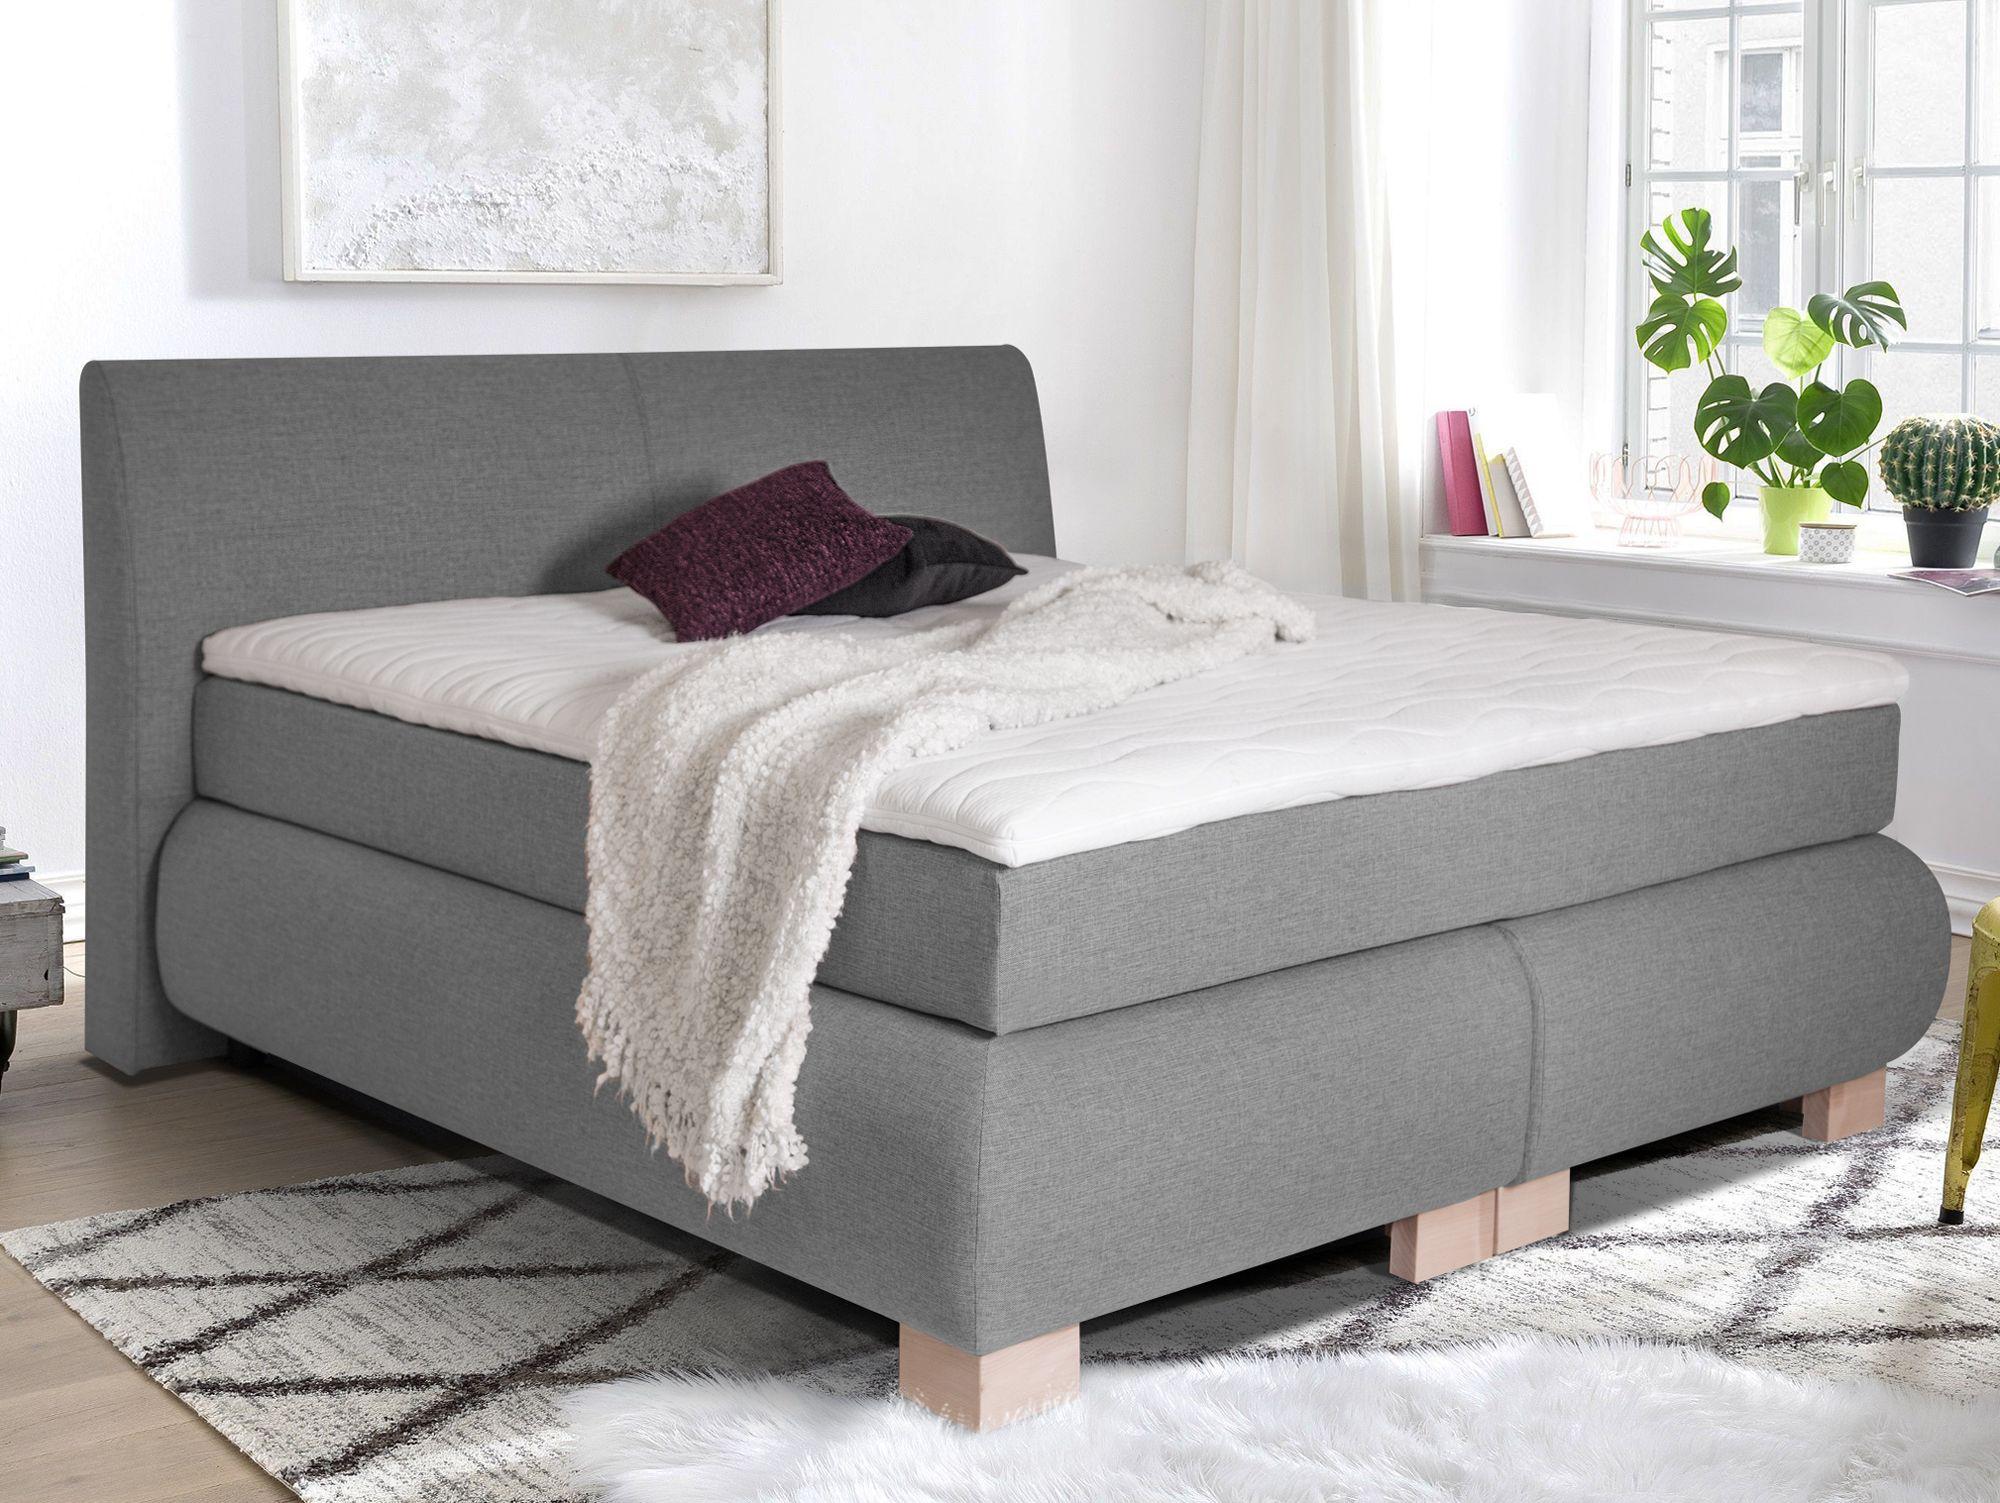 Luxus Boxspringbett In Stoff Inklusive Kopfteil Schlafzimmer